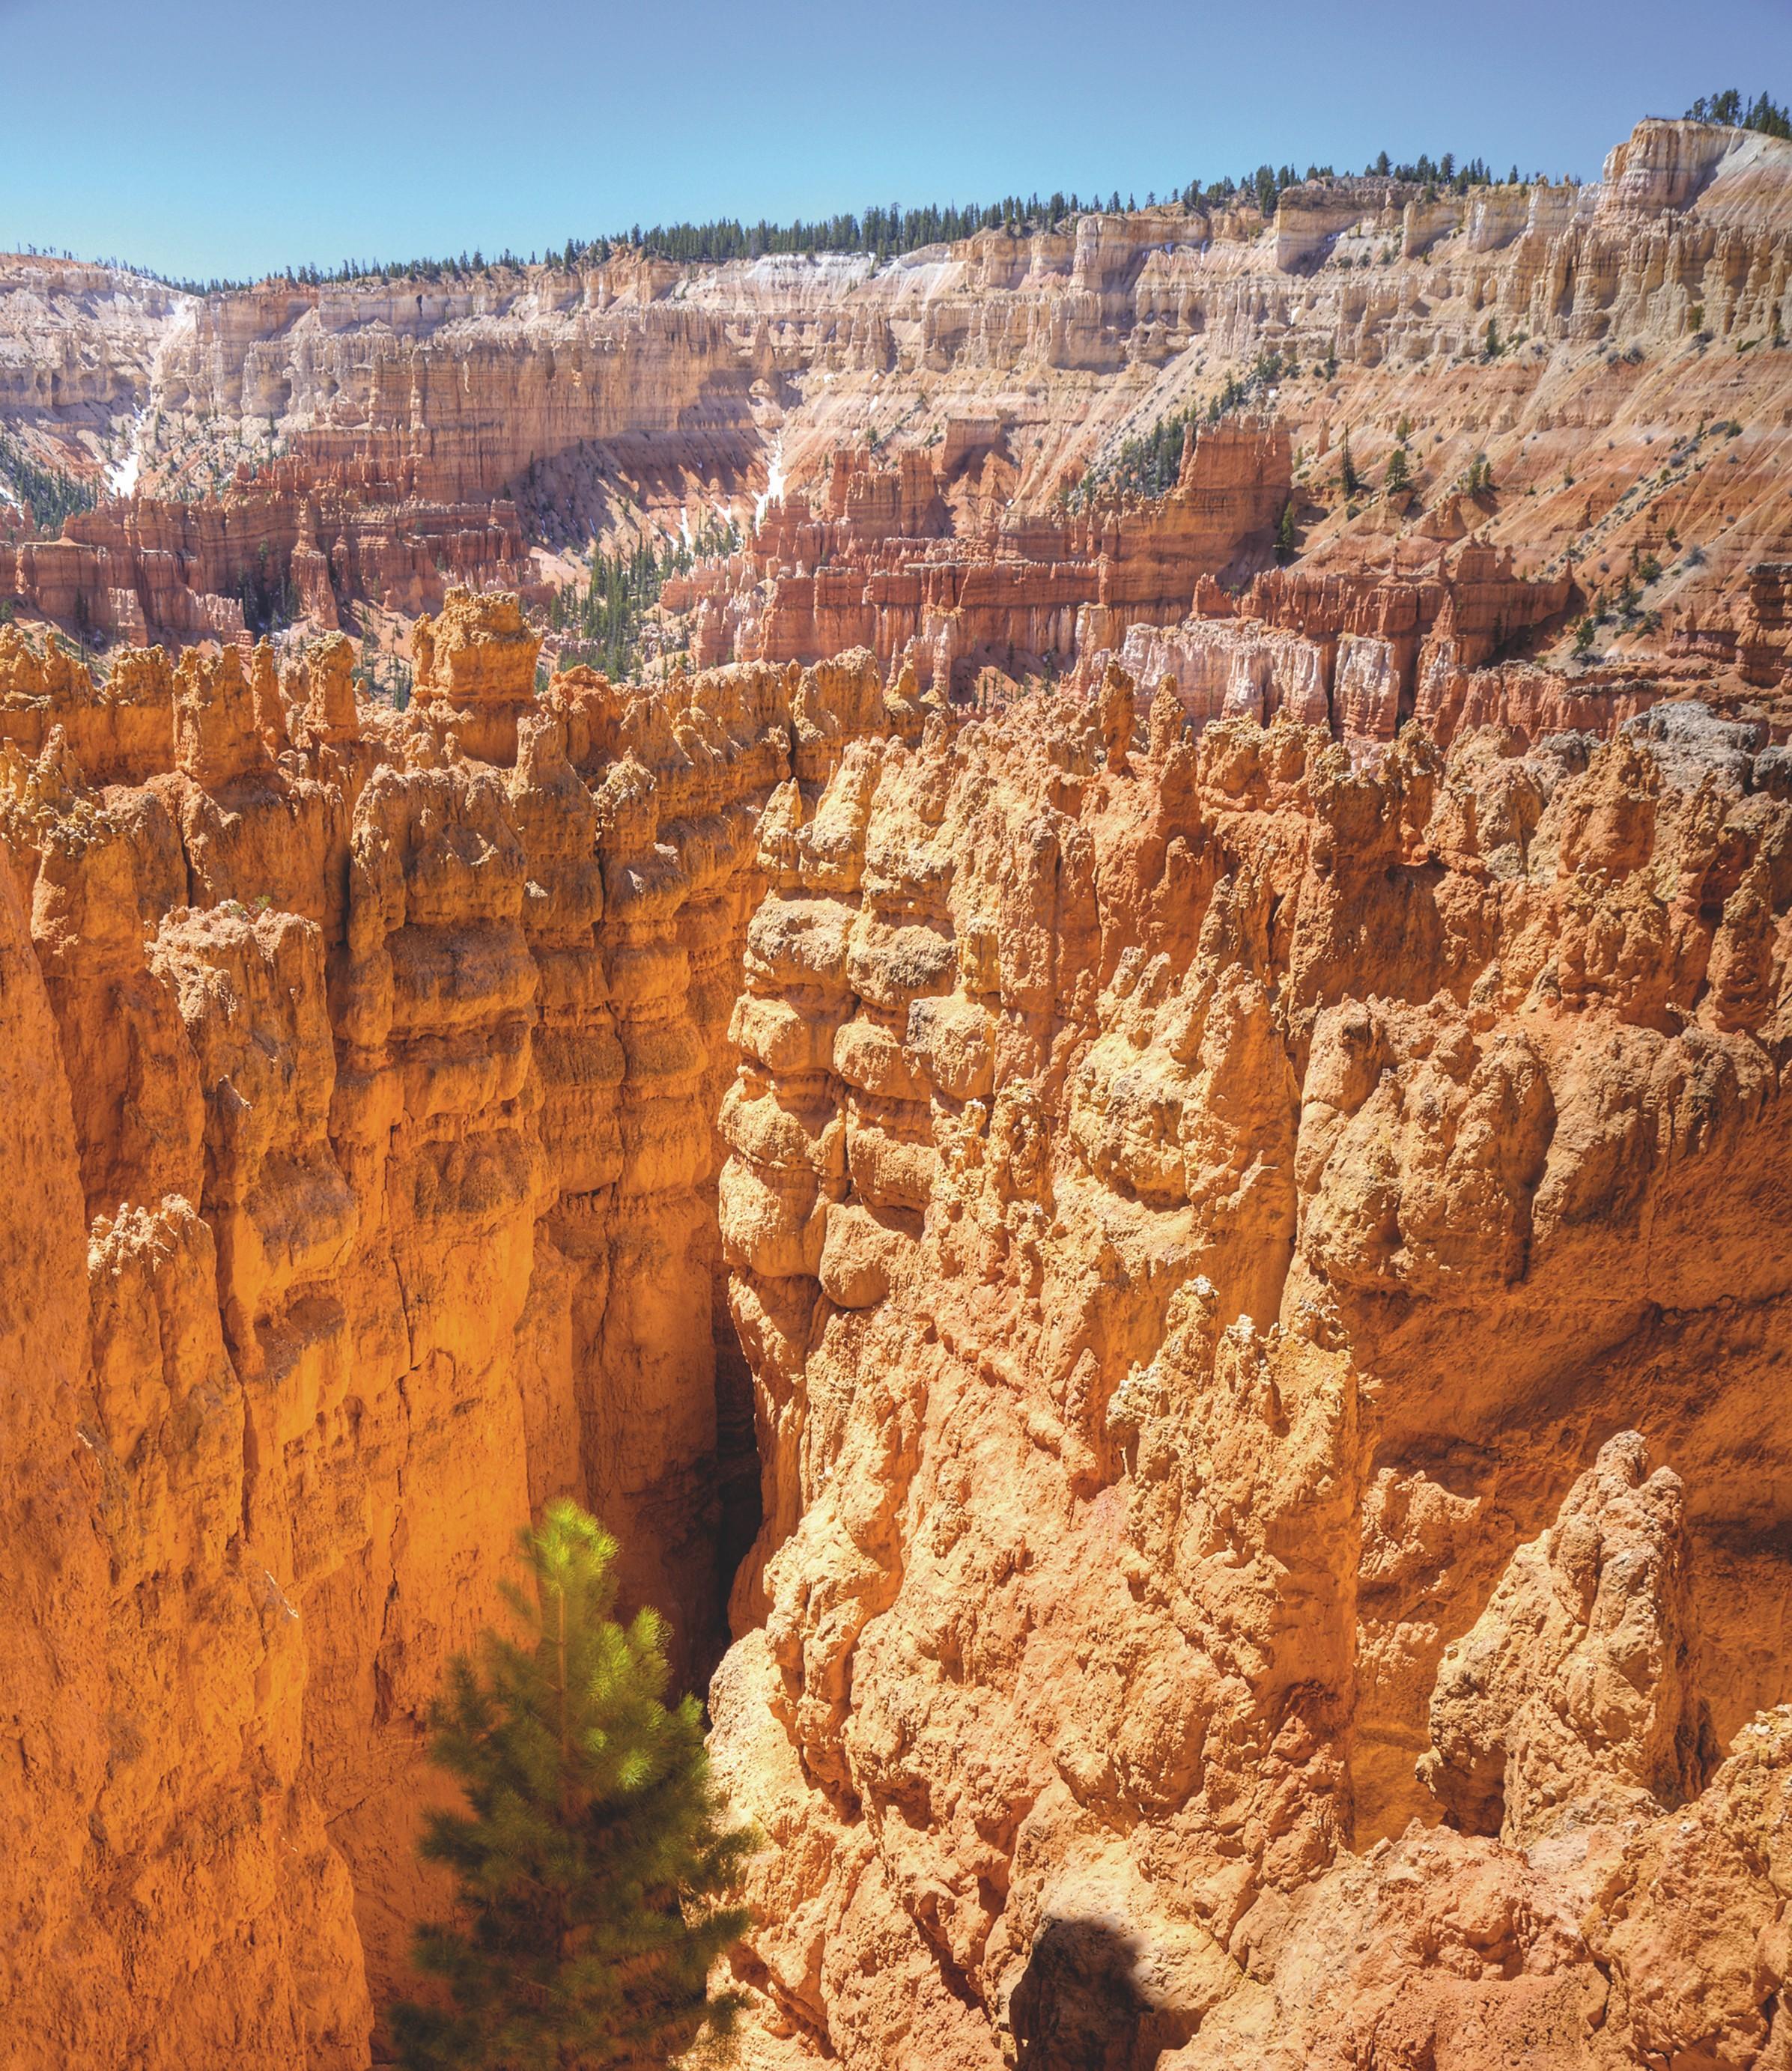 Le parc naturel du Bryce Canyon, Utah, États-Unis.